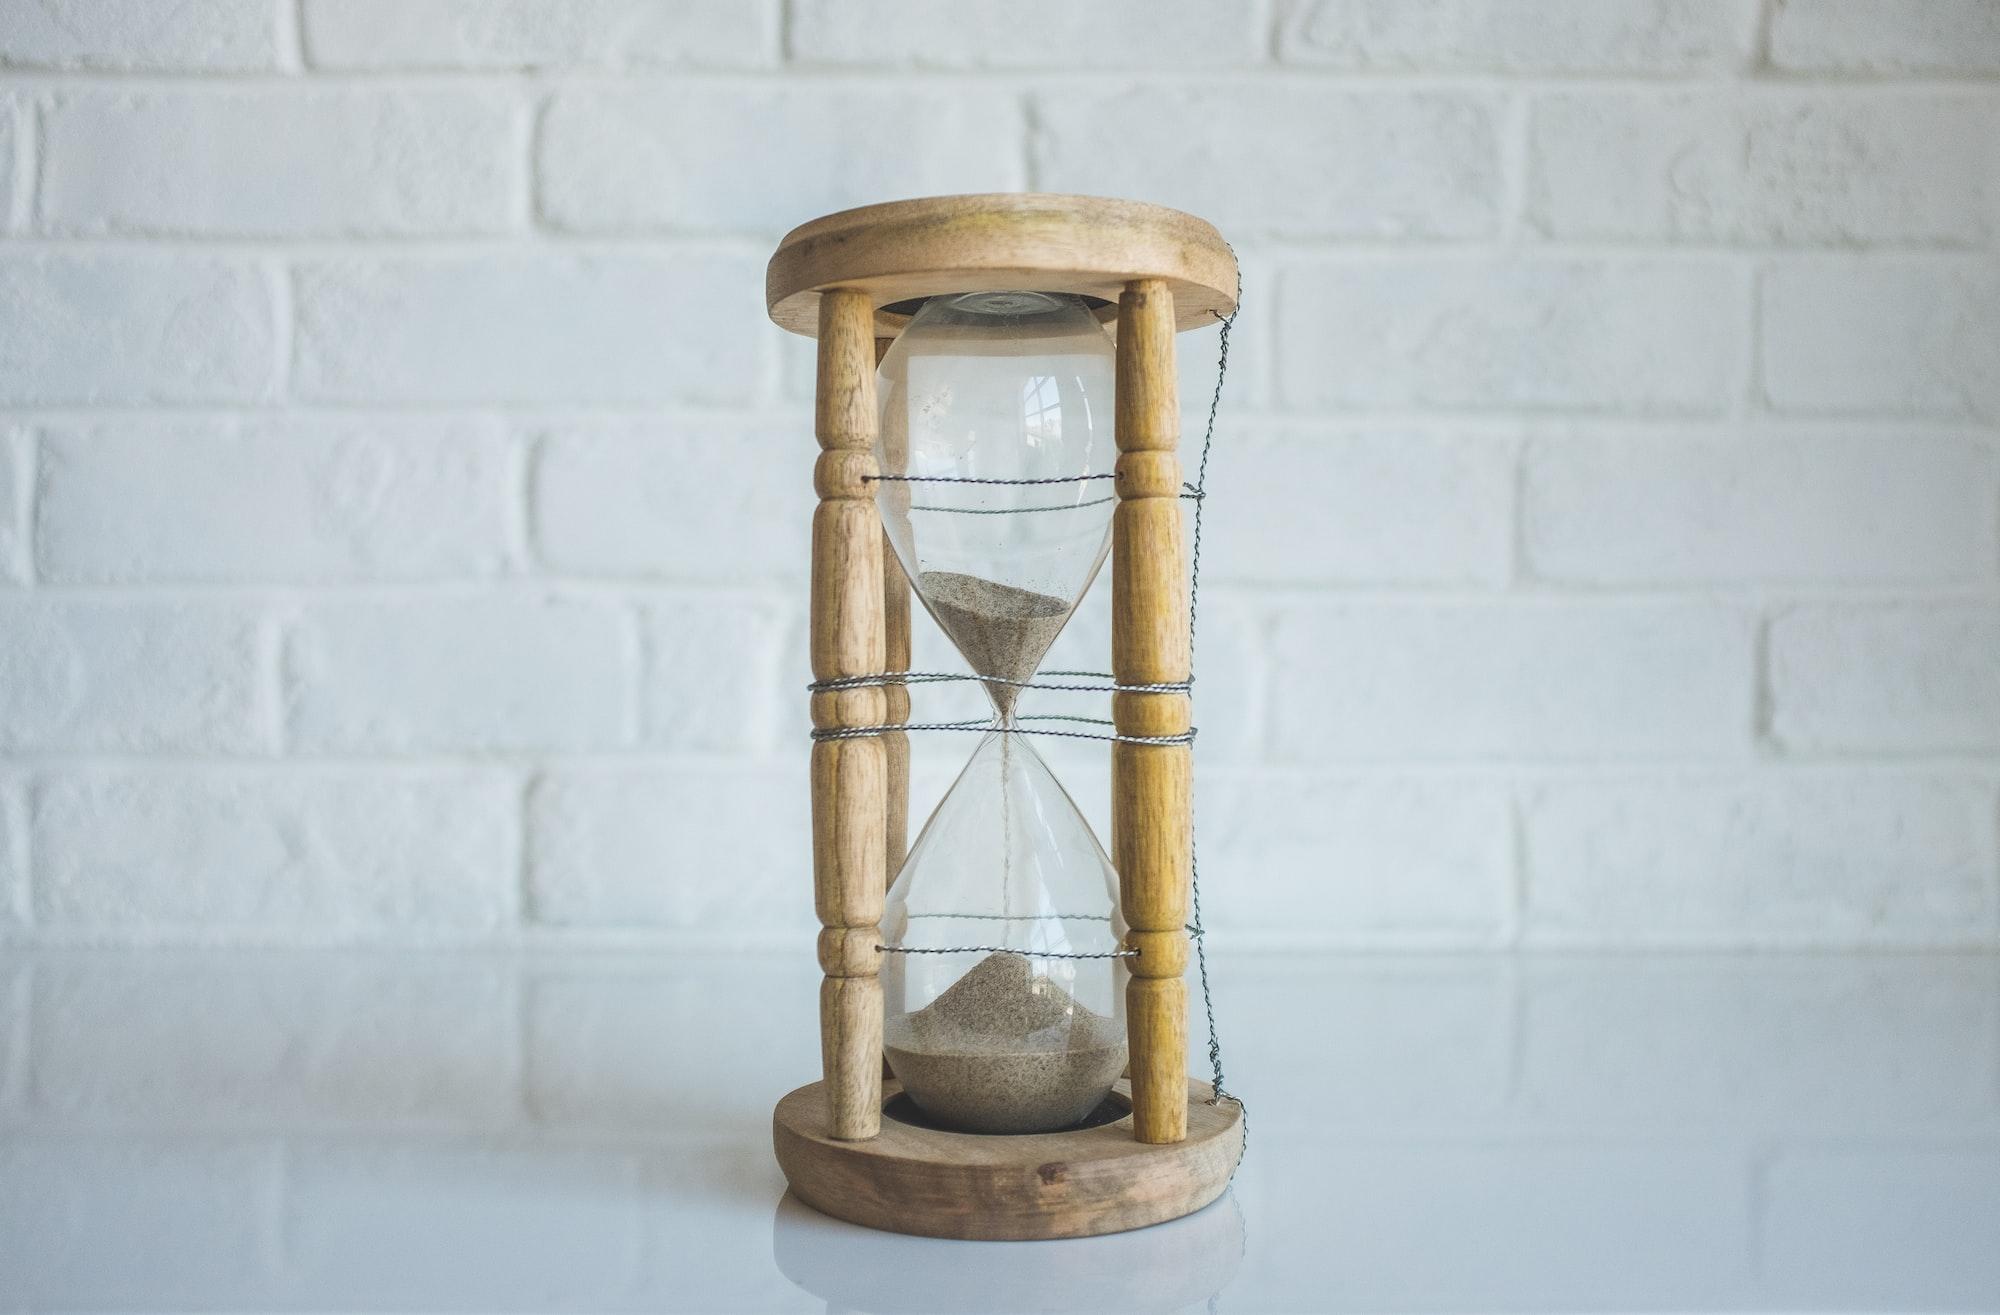 Wonder of 5 Minute Timer